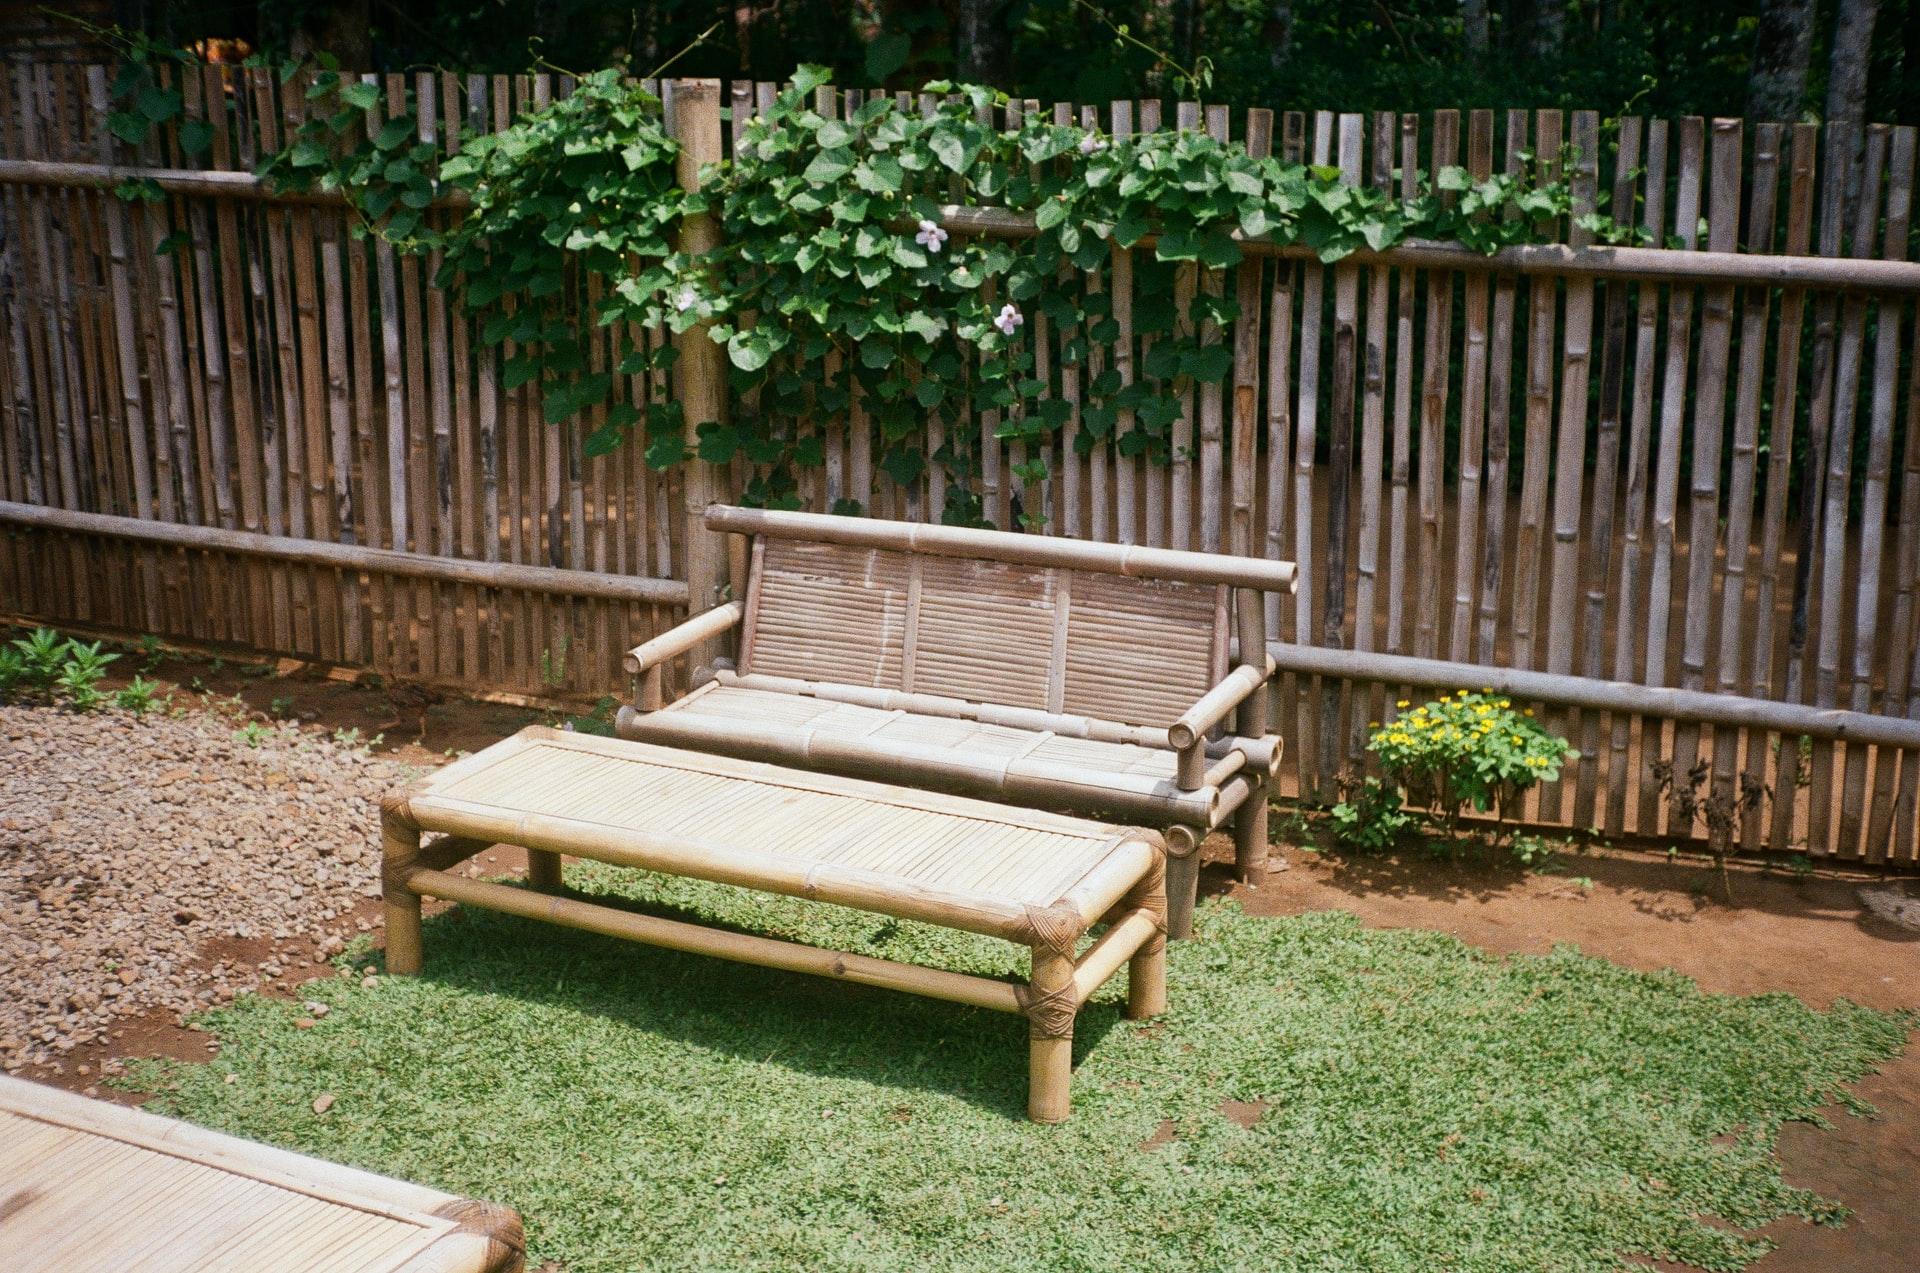 keriliwi 92xWk8SCuEg unsplash - Helt særlige bambusbænke til din terrasse